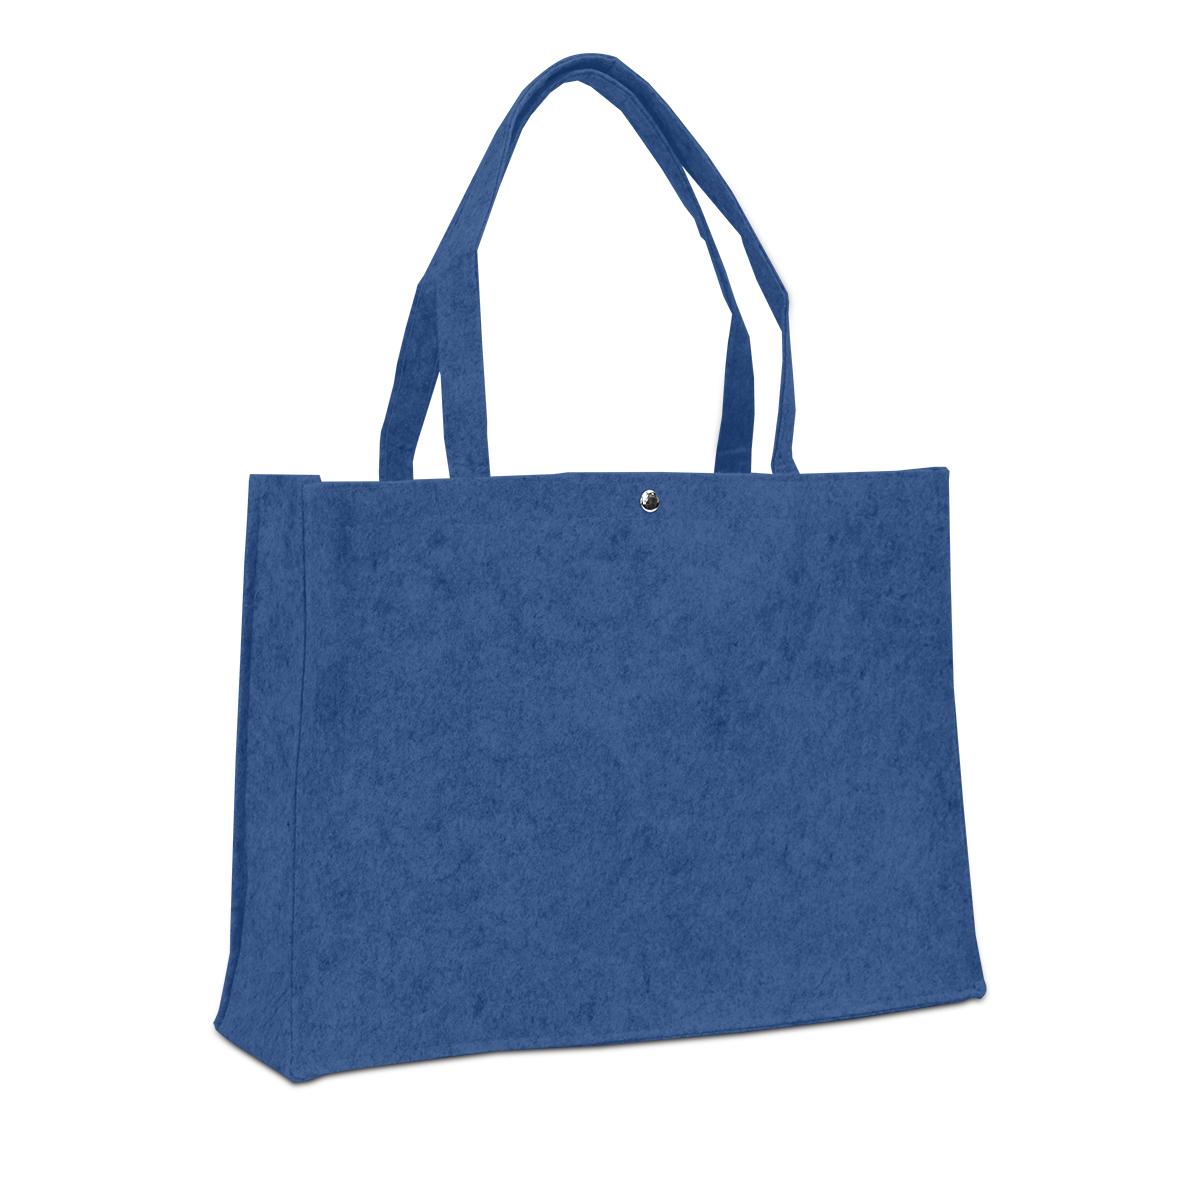 Vilten tassen met drukknoop